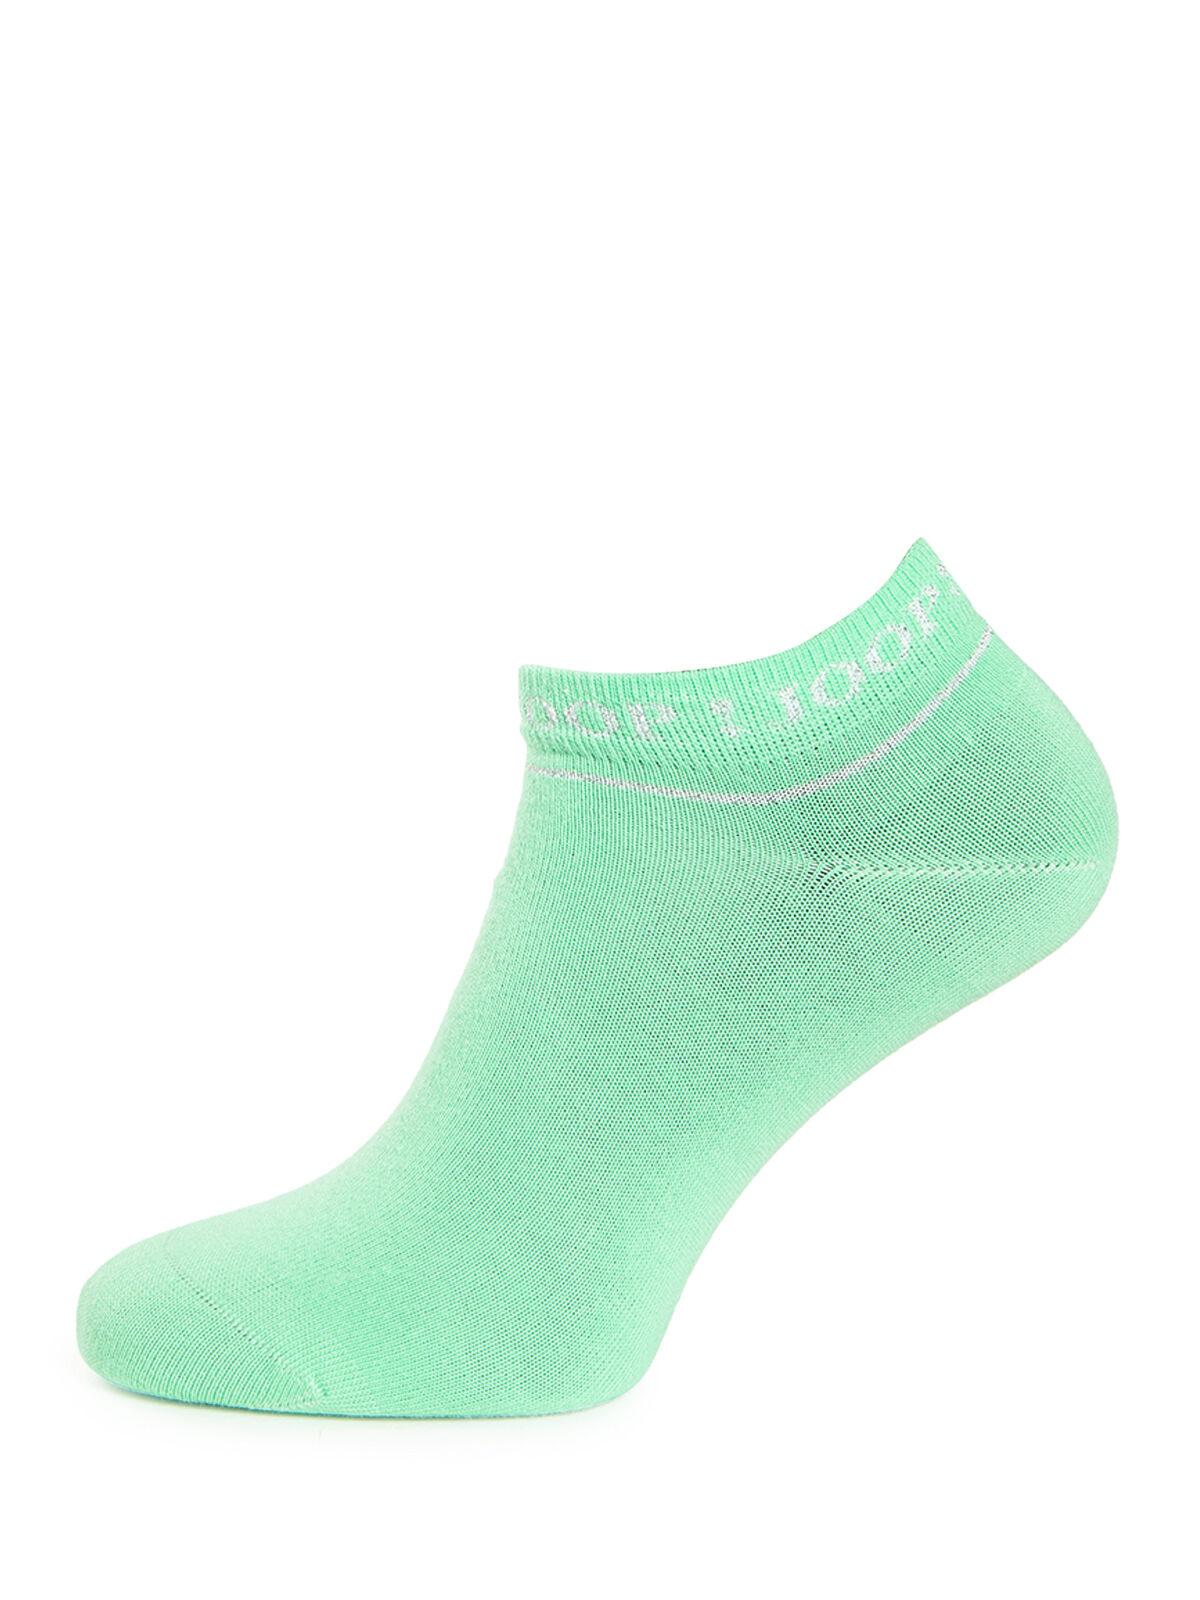 2-Pack of Trainer Socks